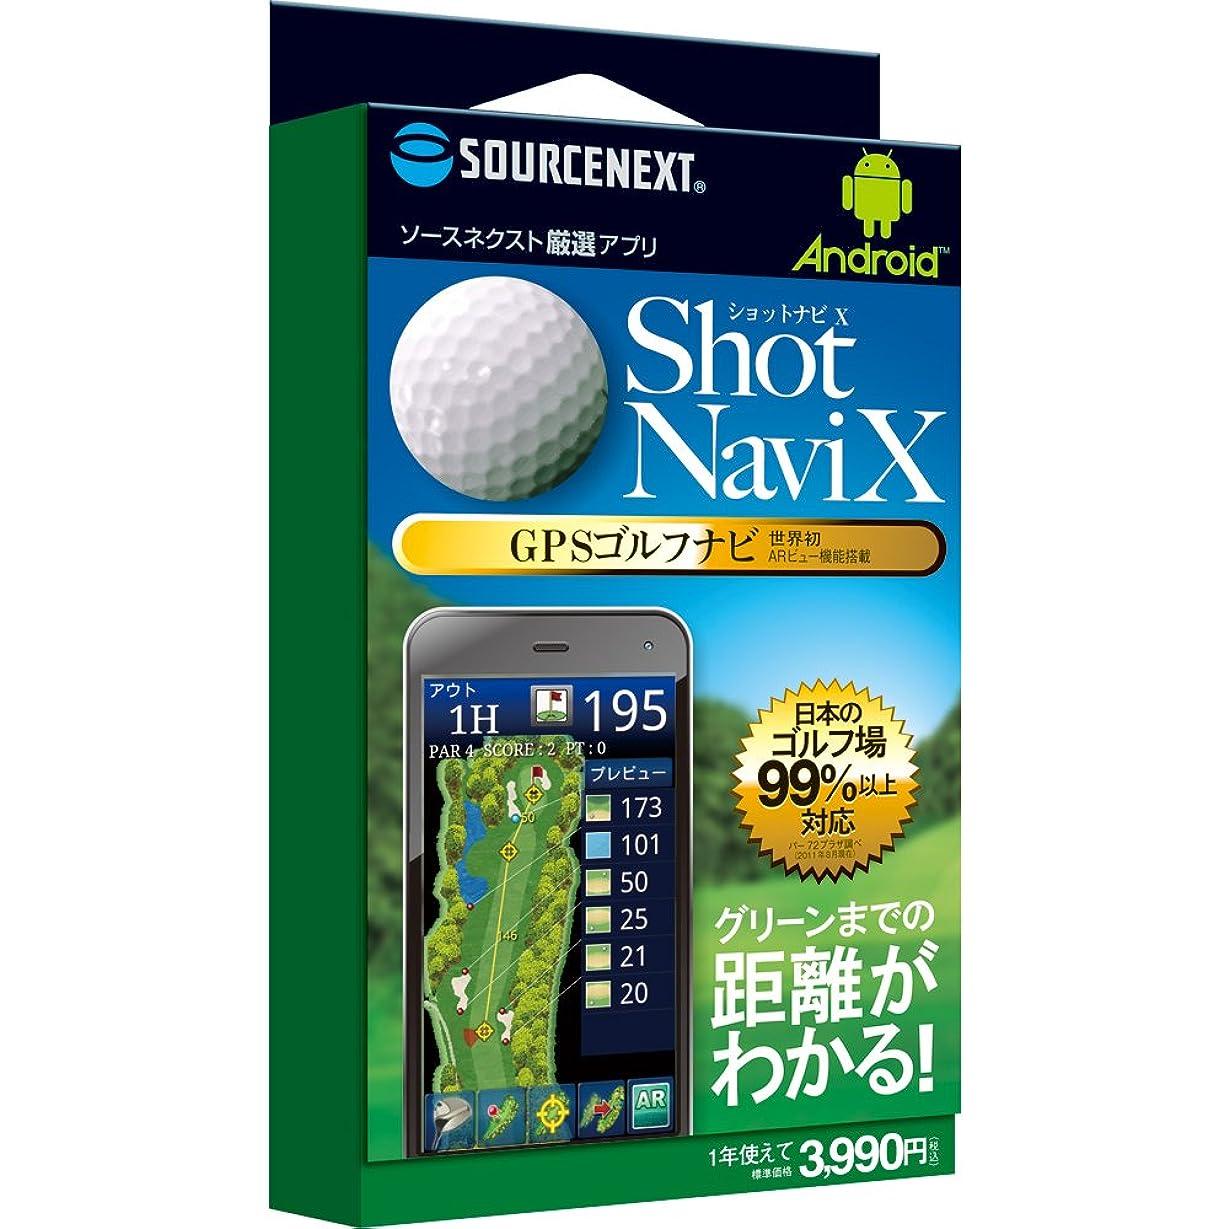 強制的日没累積Android厳選アプリ GPSゴルフナビ Shot Navi X